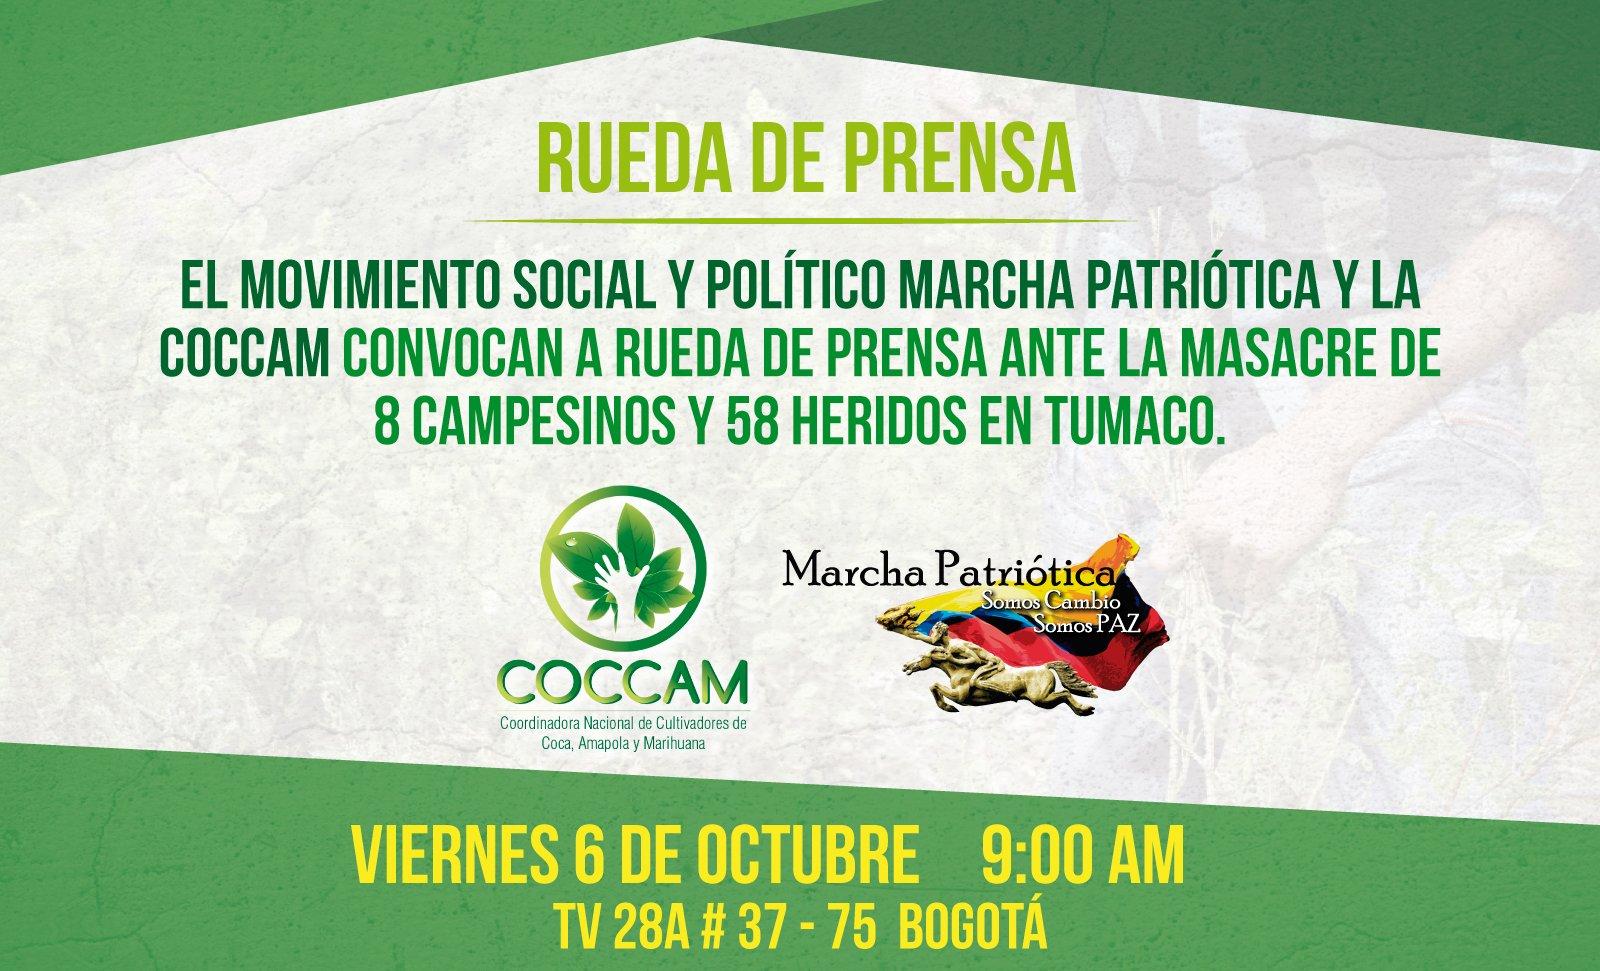 #SolidaridadVíctimasTumaco | #MAÑANA Rueda de prensa ante la masacre de 8 campesinos y 58 heridos en Tumaco �� https://t.co/yOA1KmO4iA